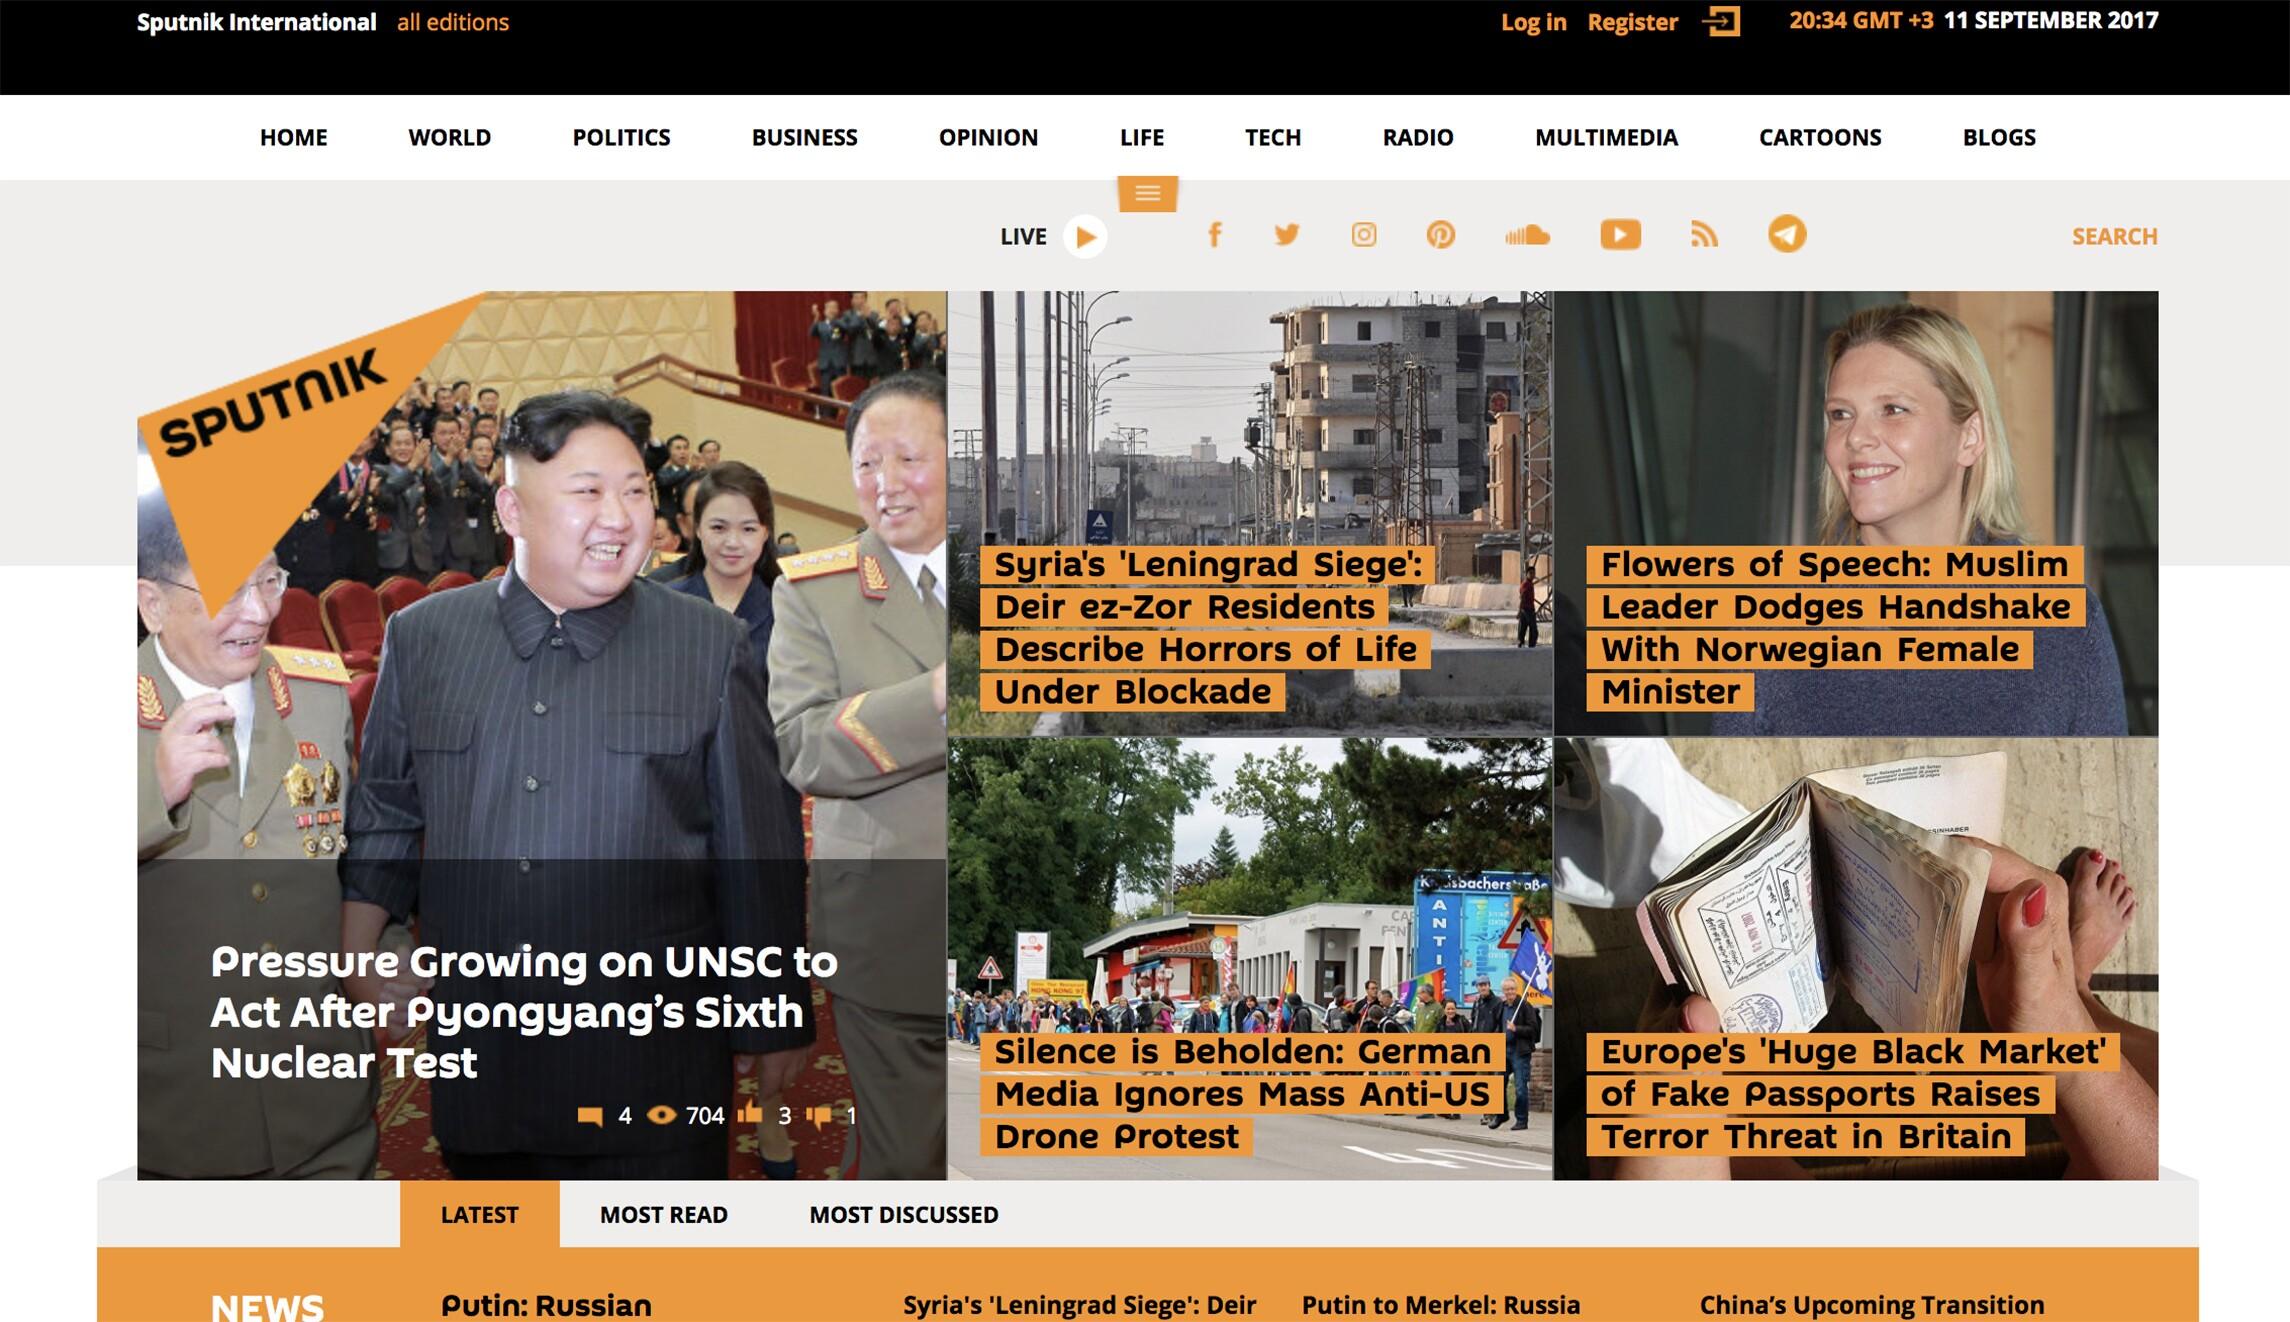 FBI gets Sputnik emails, critics see \'red line for media\' crossed in ...